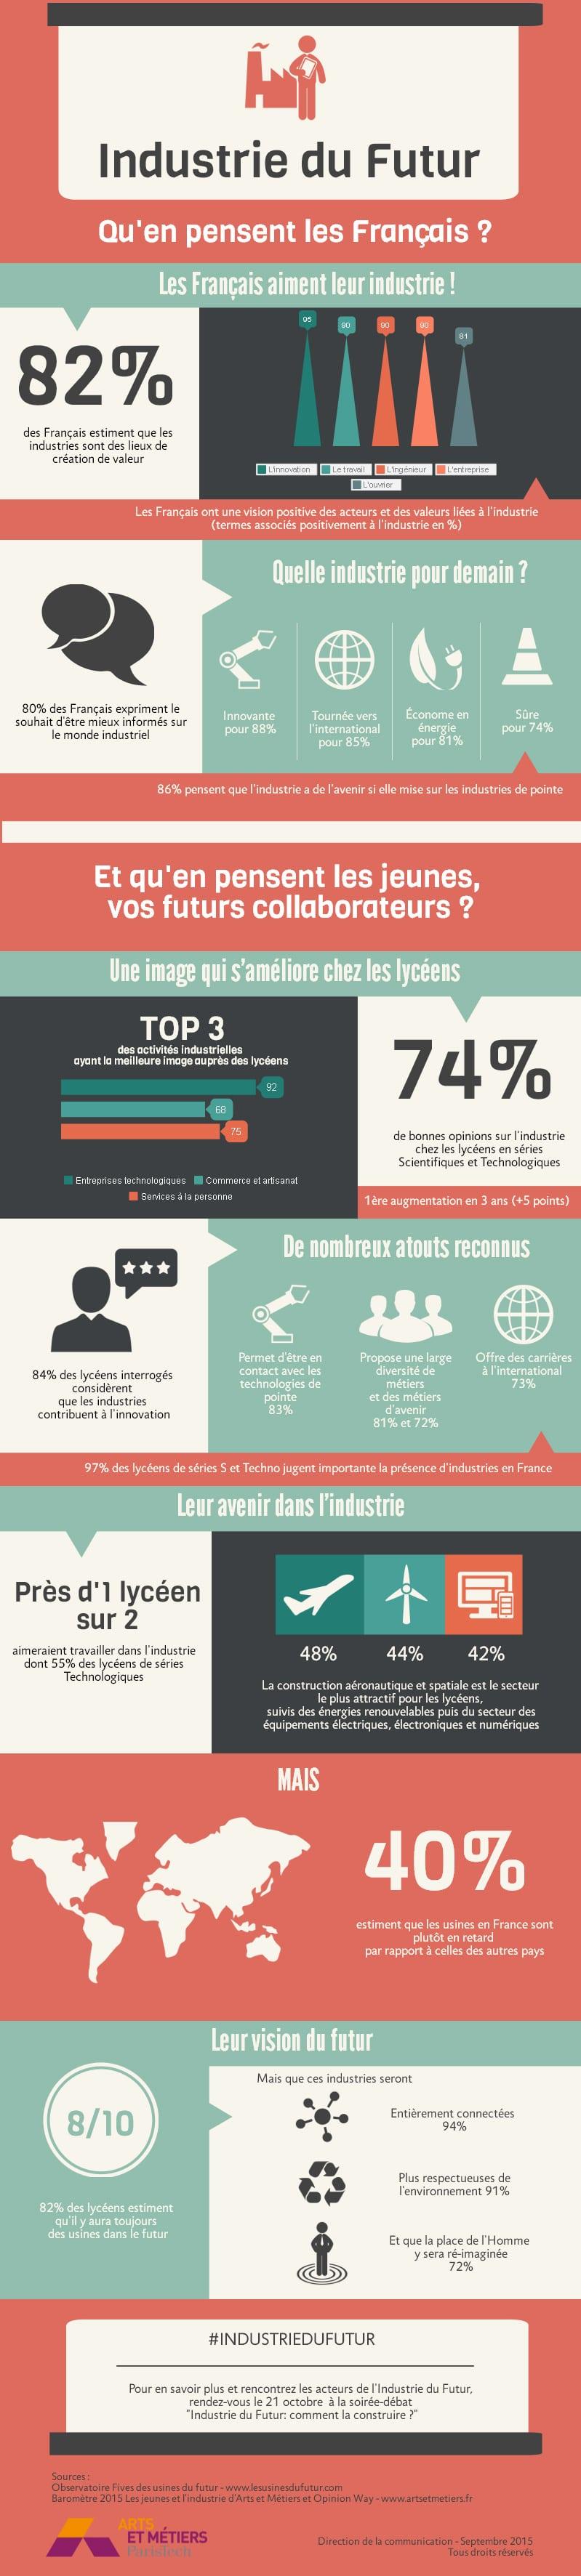 Infographie-industrie-du-futur